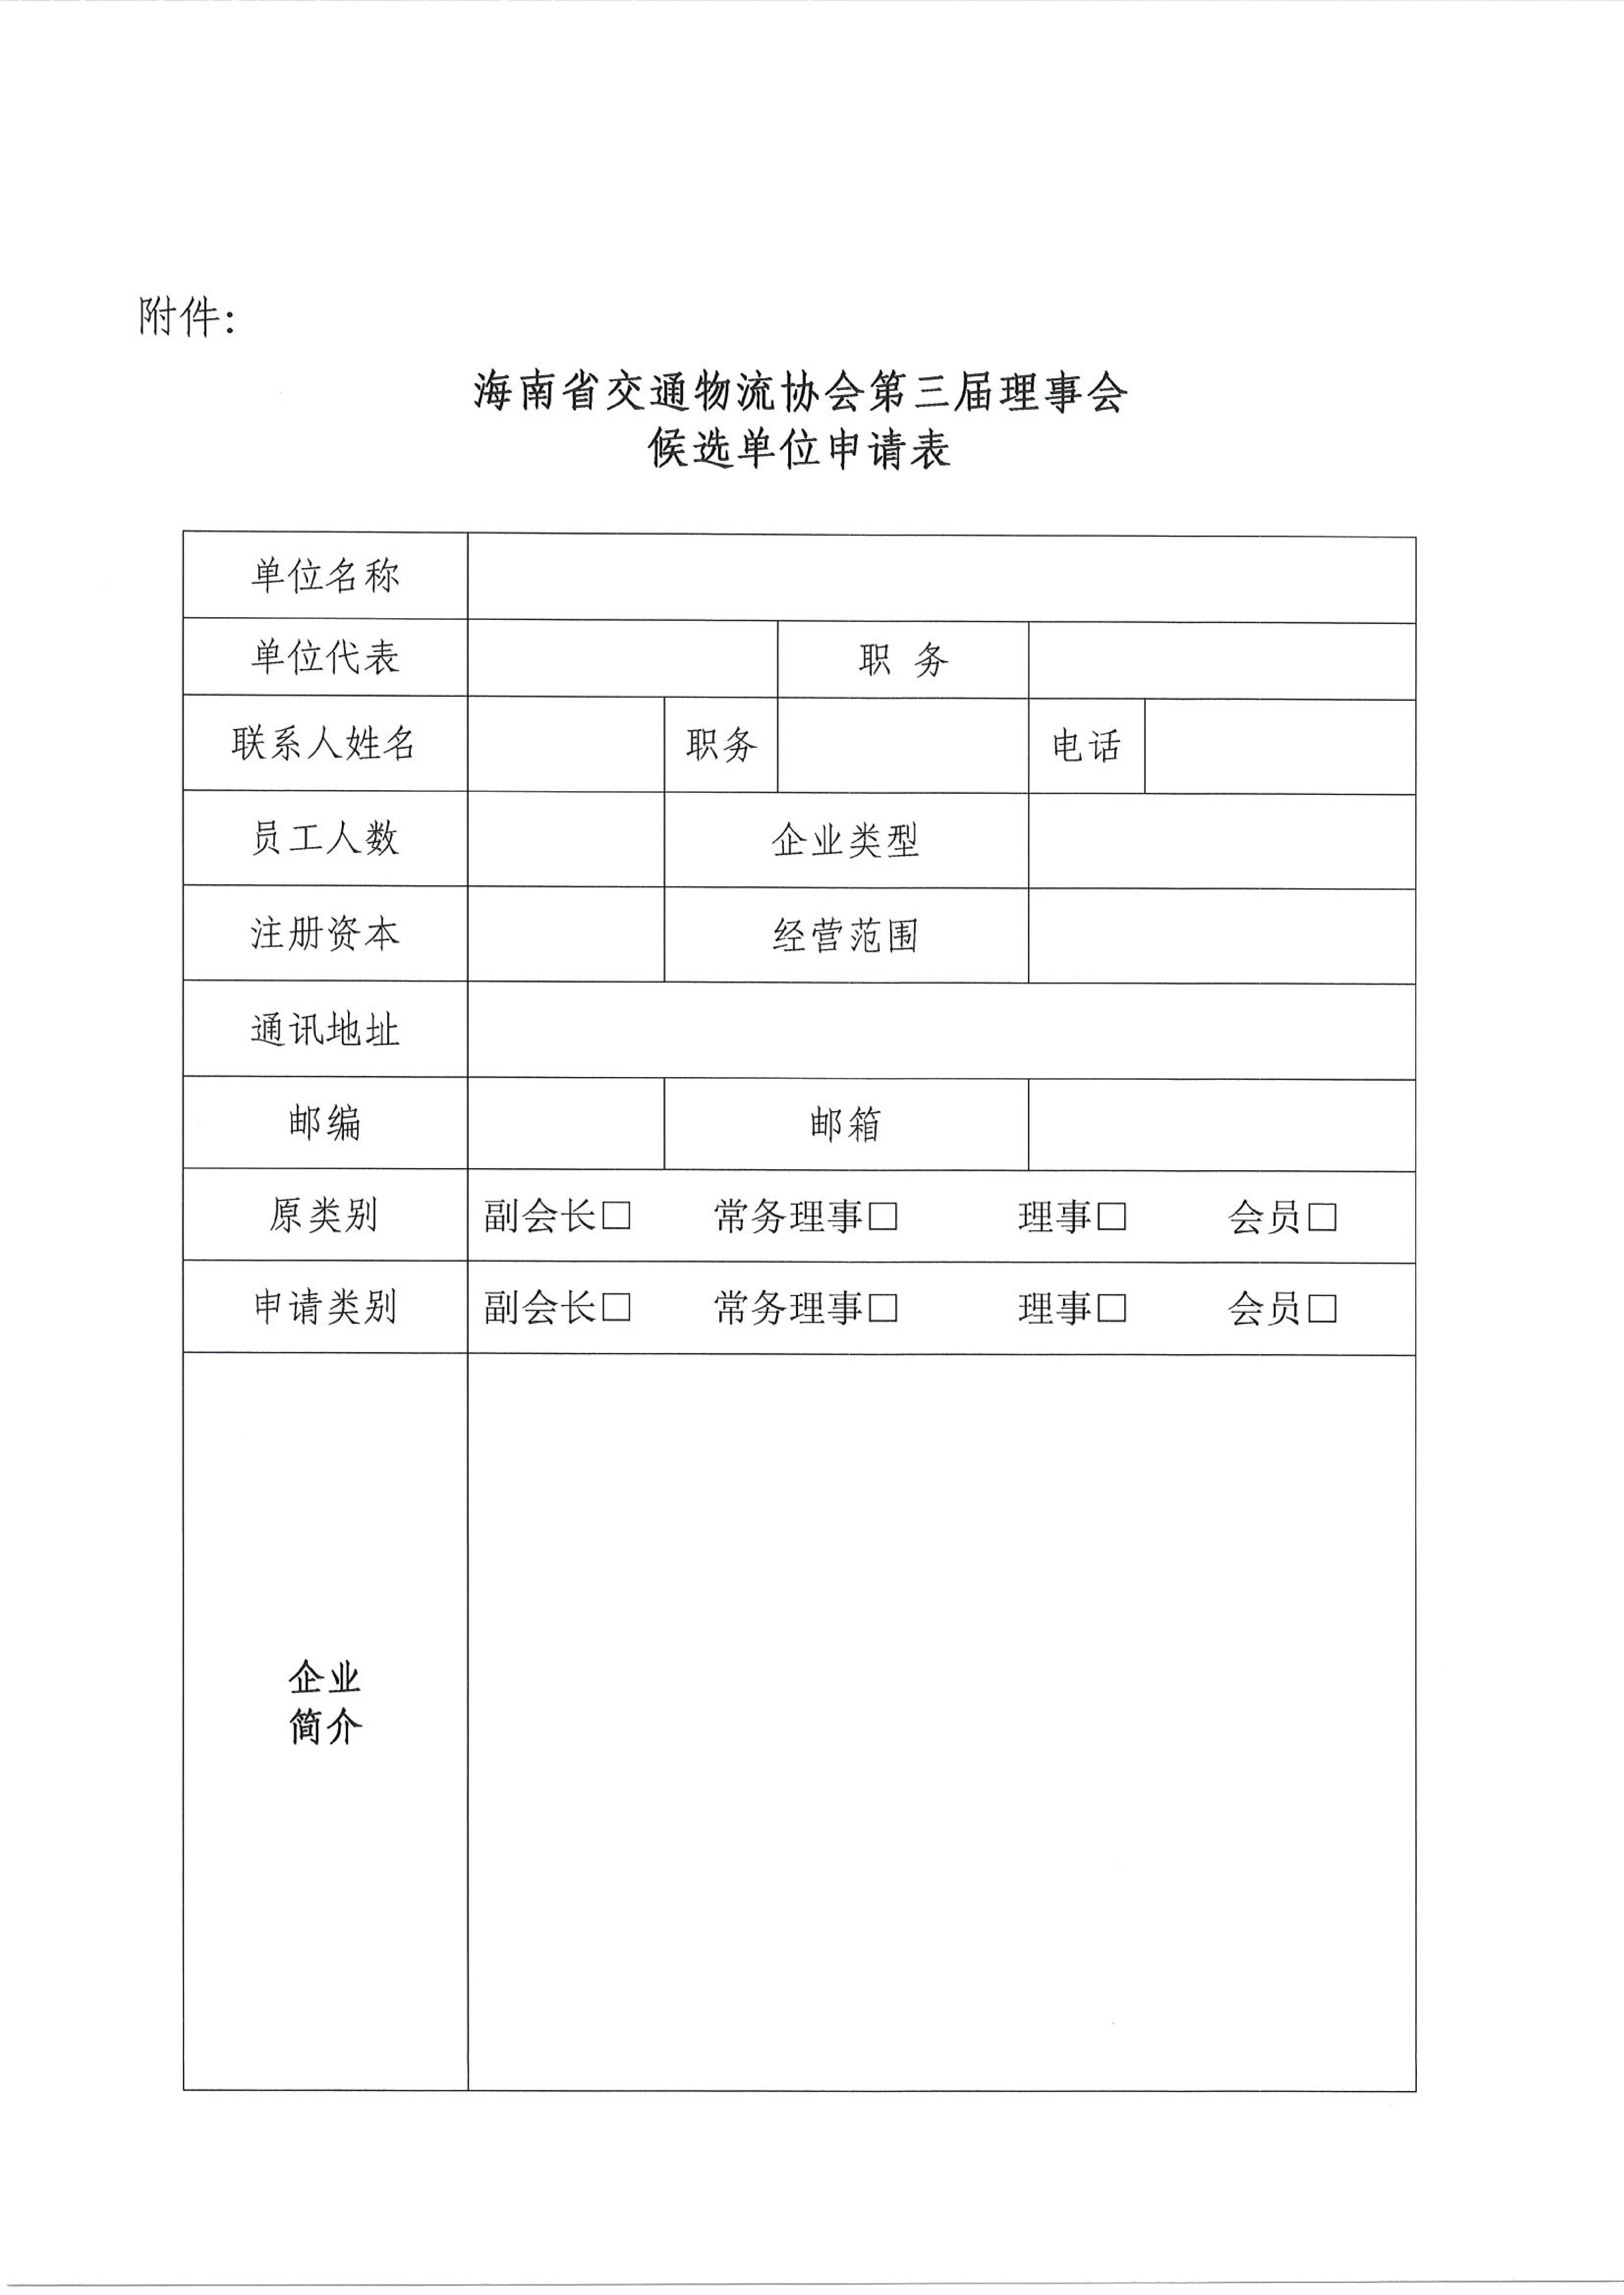 关于邀请继续担任第三届理事会单位的函_01.jpg